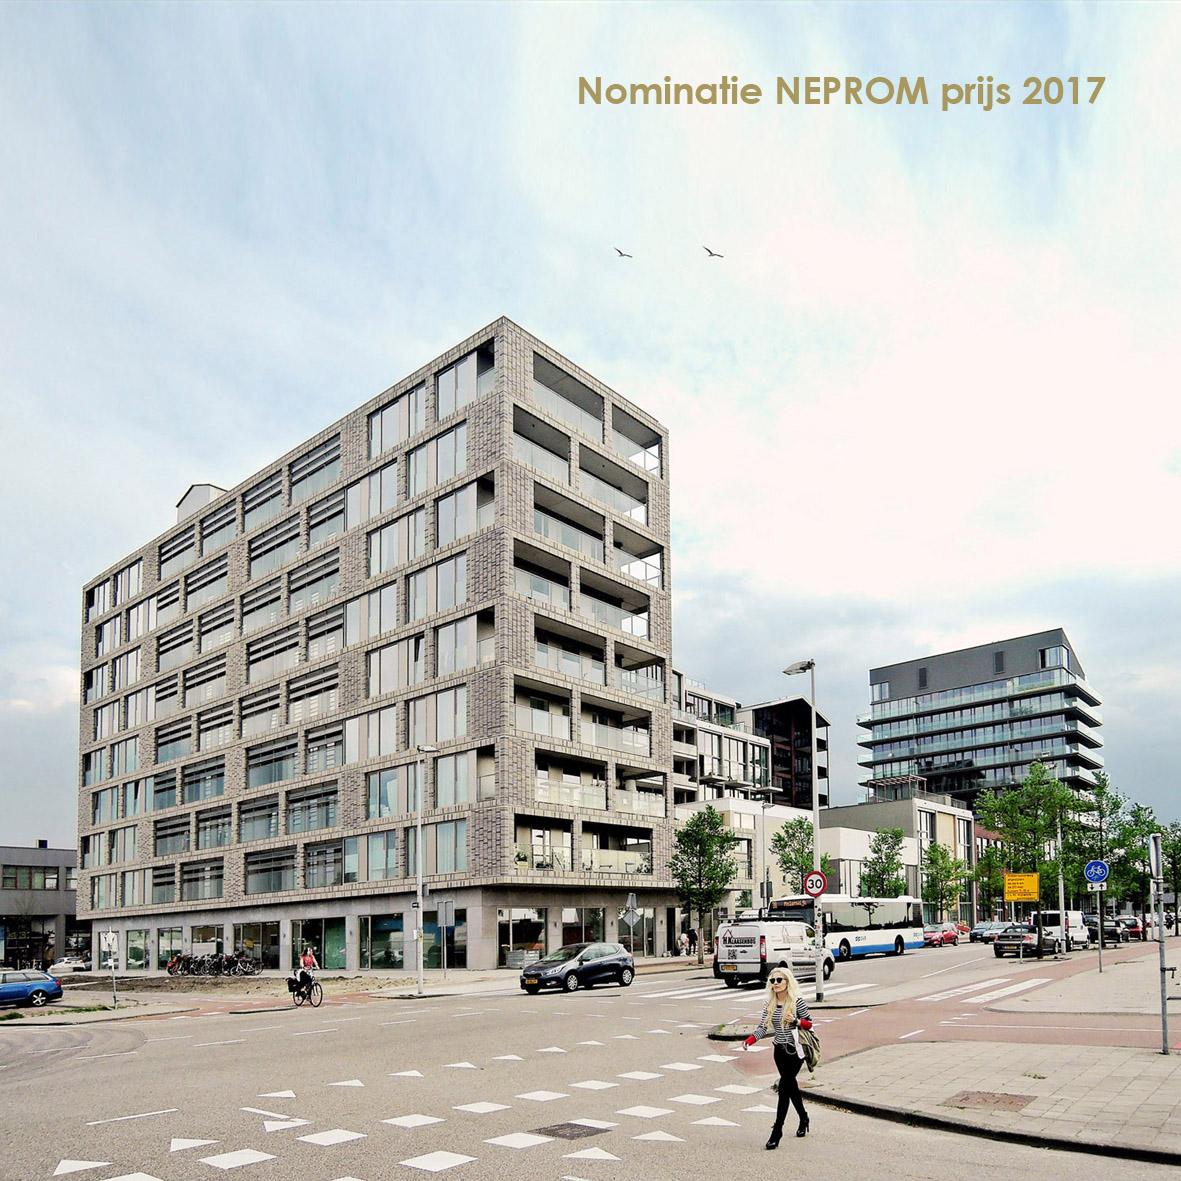 Atelier PUUUR NEPROM PRIJS 2017 nominatie tekst